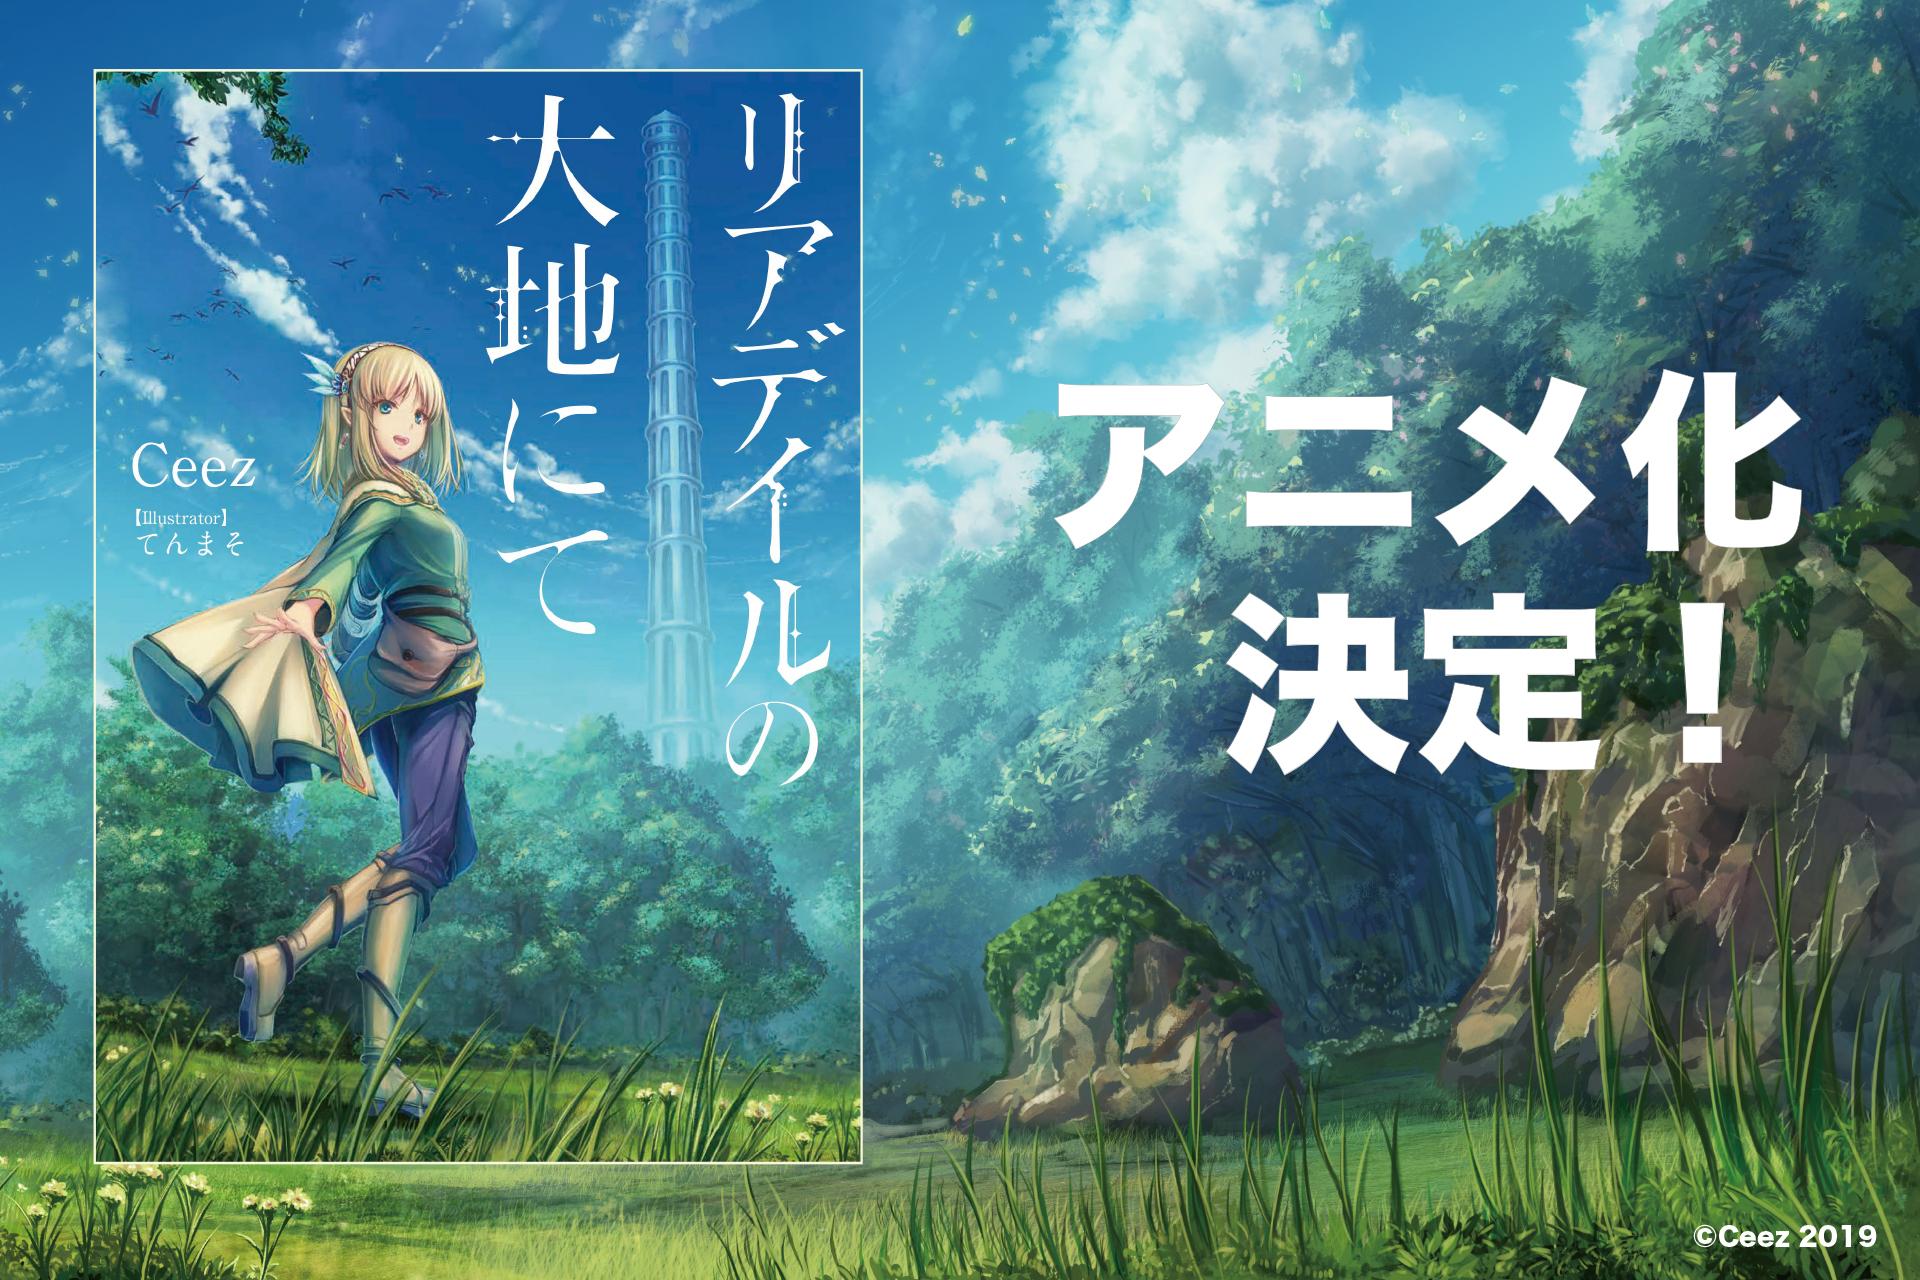 ライトノベル「リアデイルの大地にて」TVアニメ化決定!200年後のゲーム世界で旅する少女のエルフファンタジー